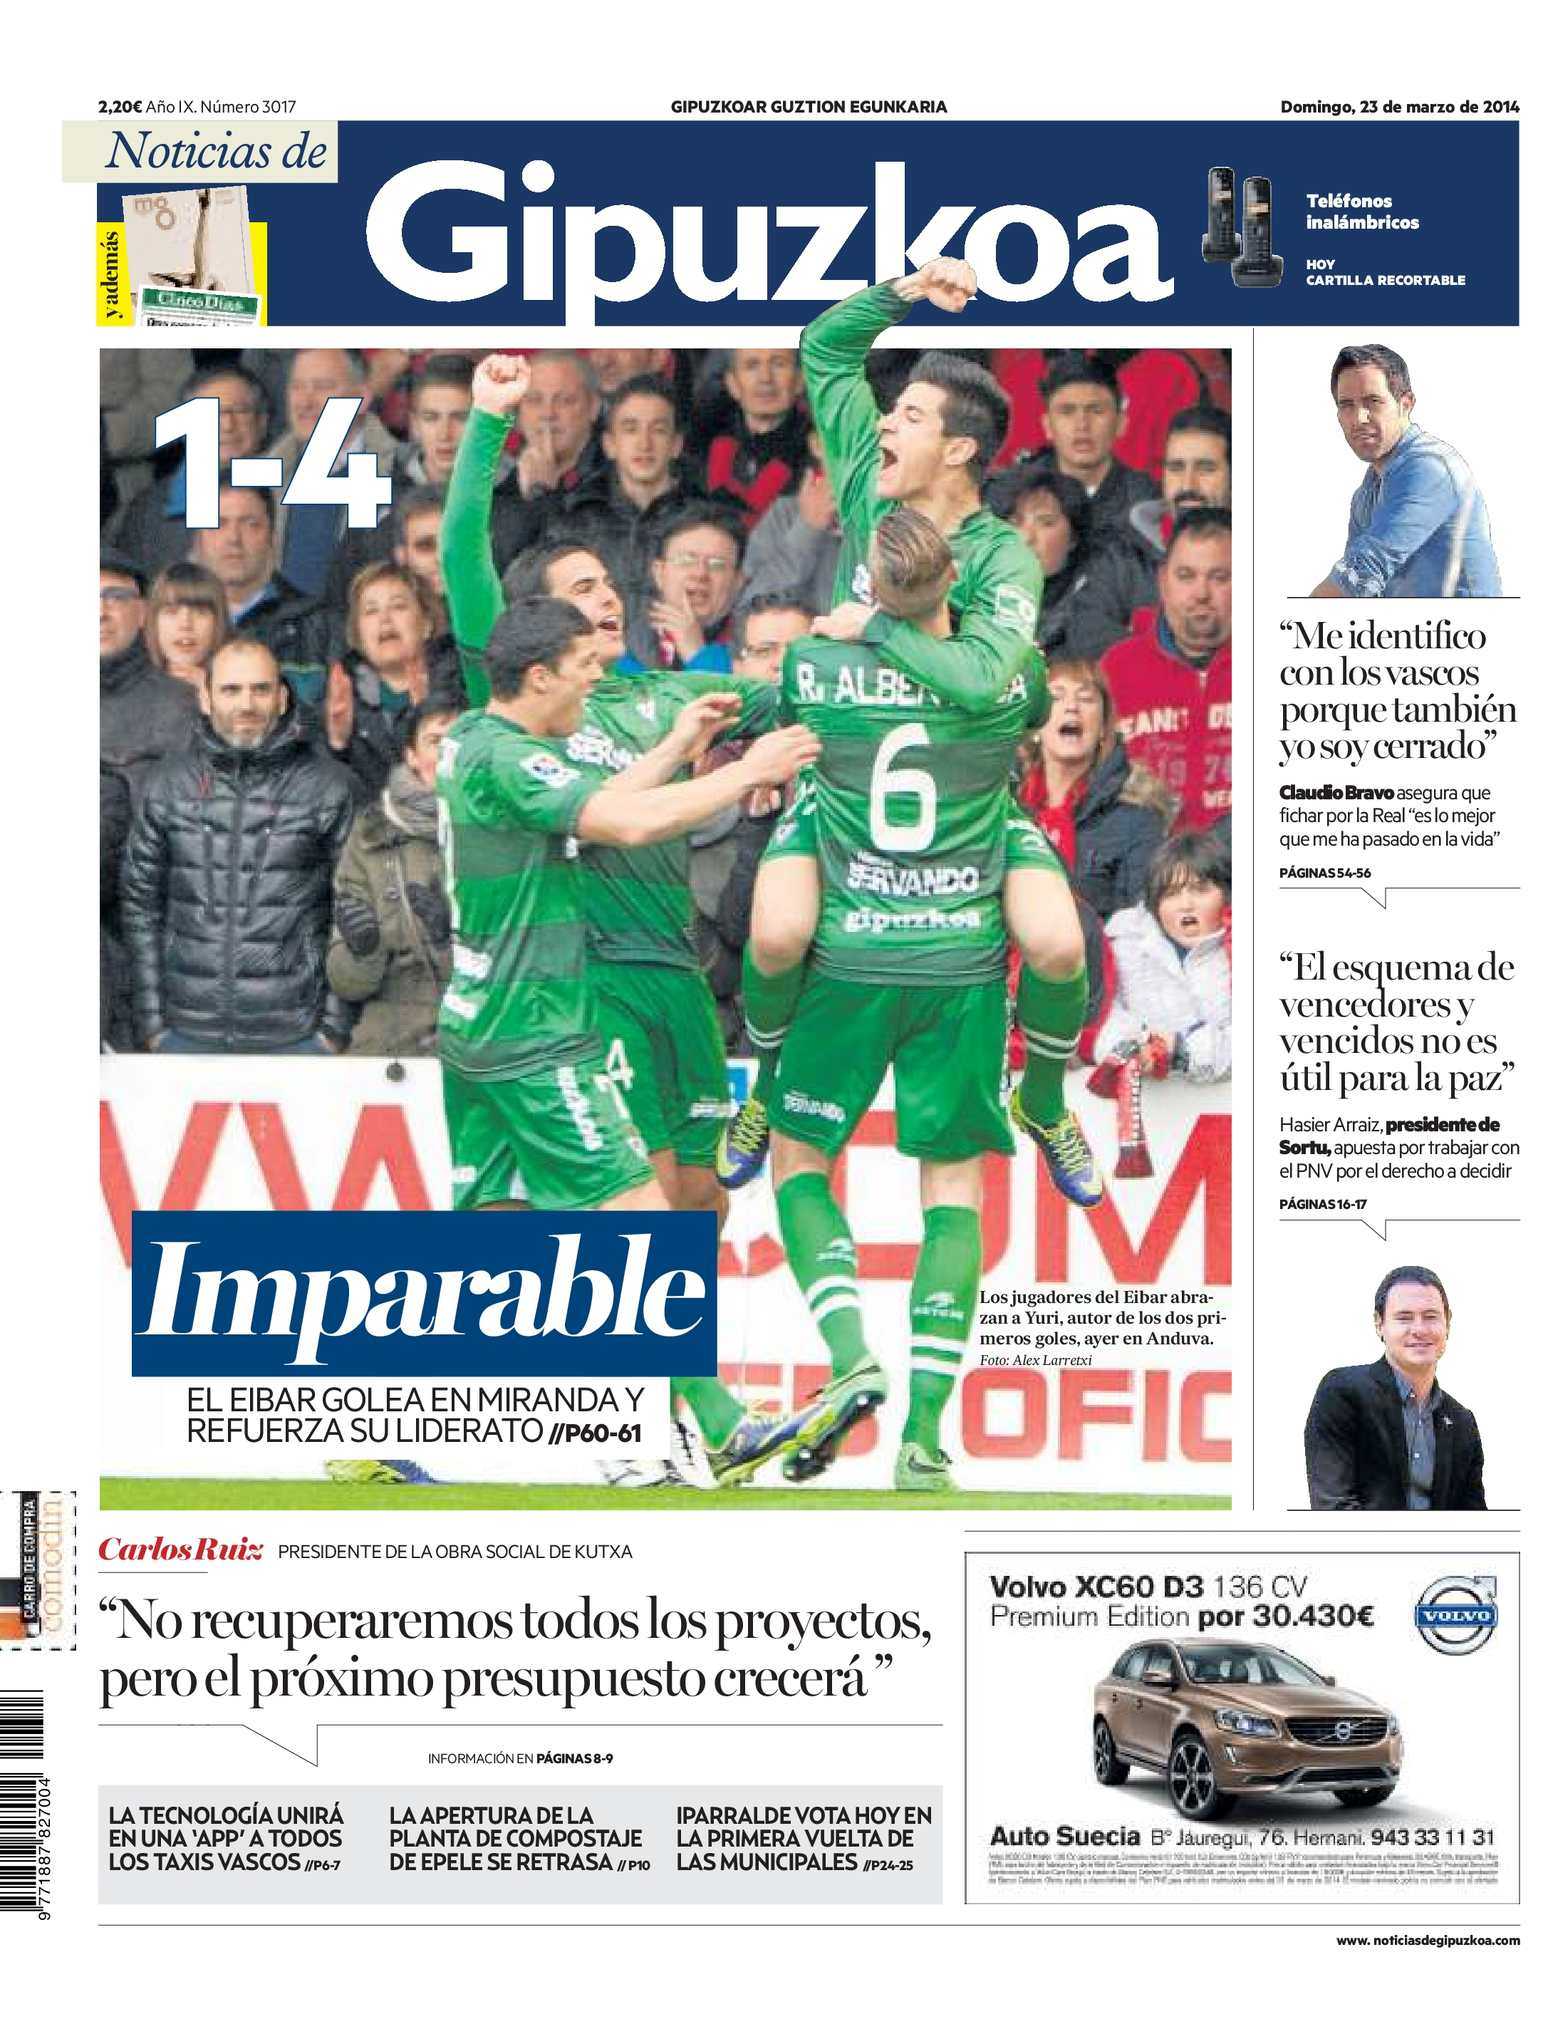 bcfafc20253 Calaméo - Noticias de Gipuzkoa 20140323